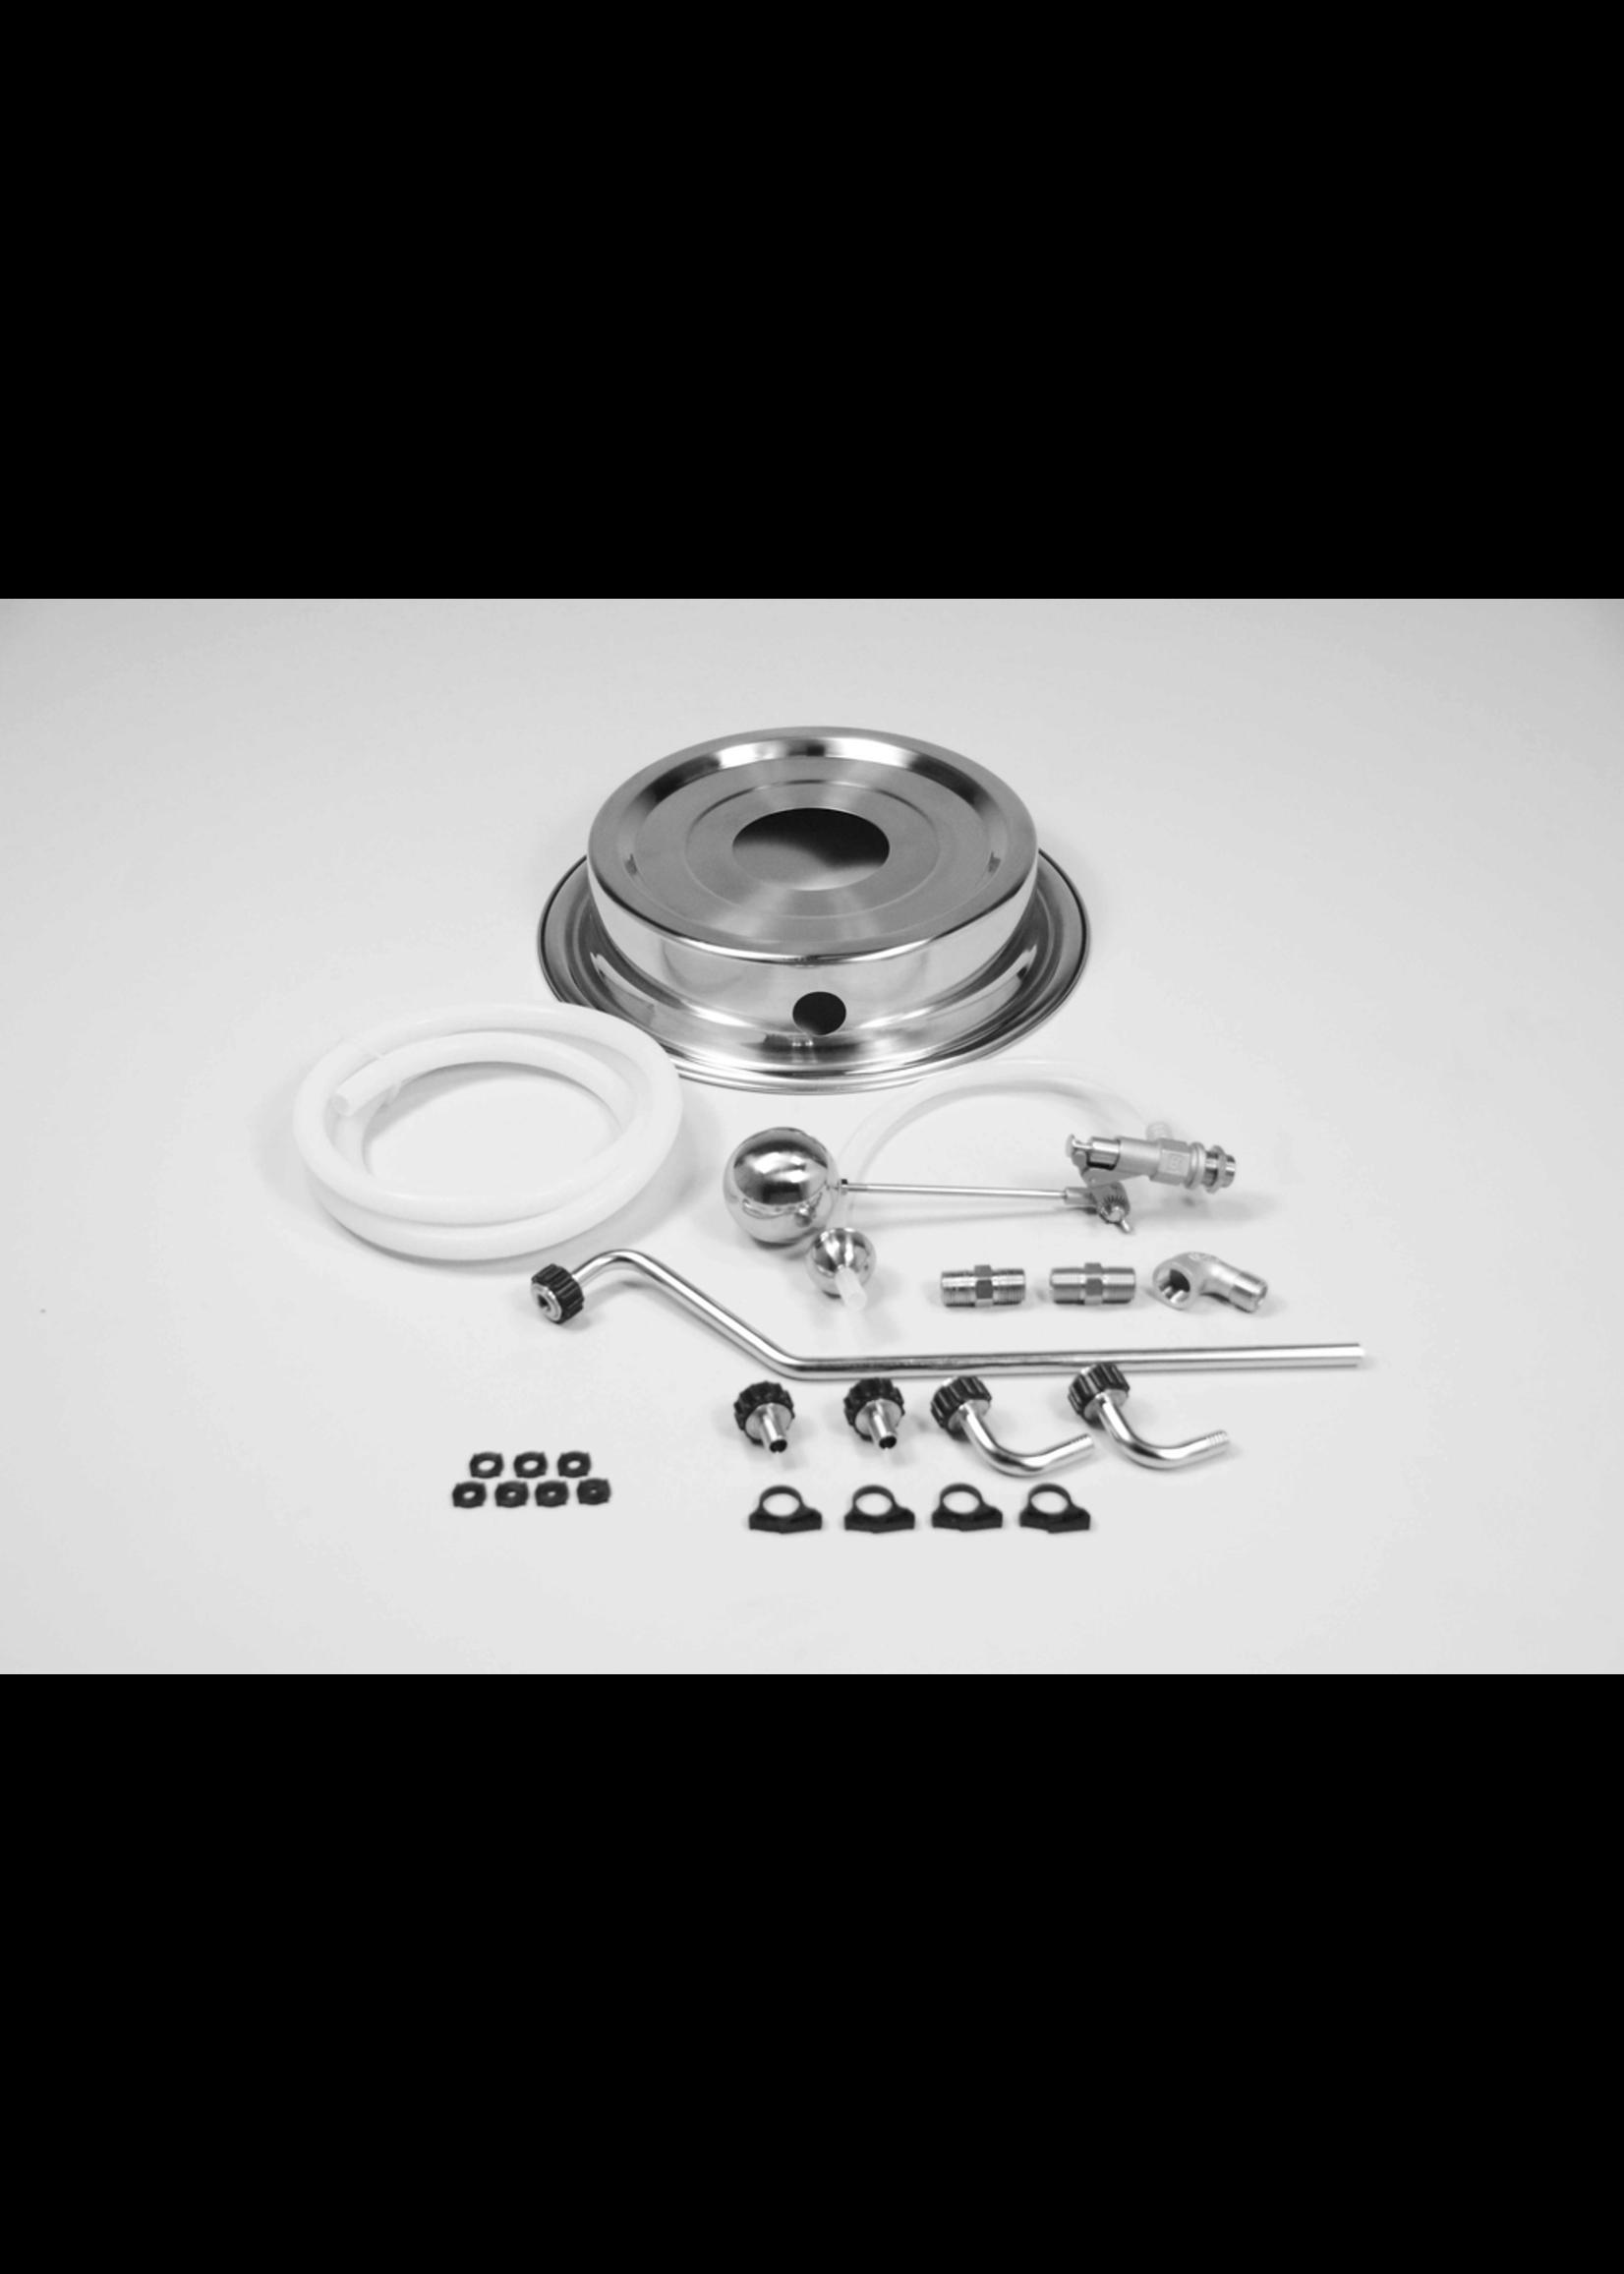 Blichmann Blichmann BrewEasy - Adapter Lid Kit - 5 gallon (G1)